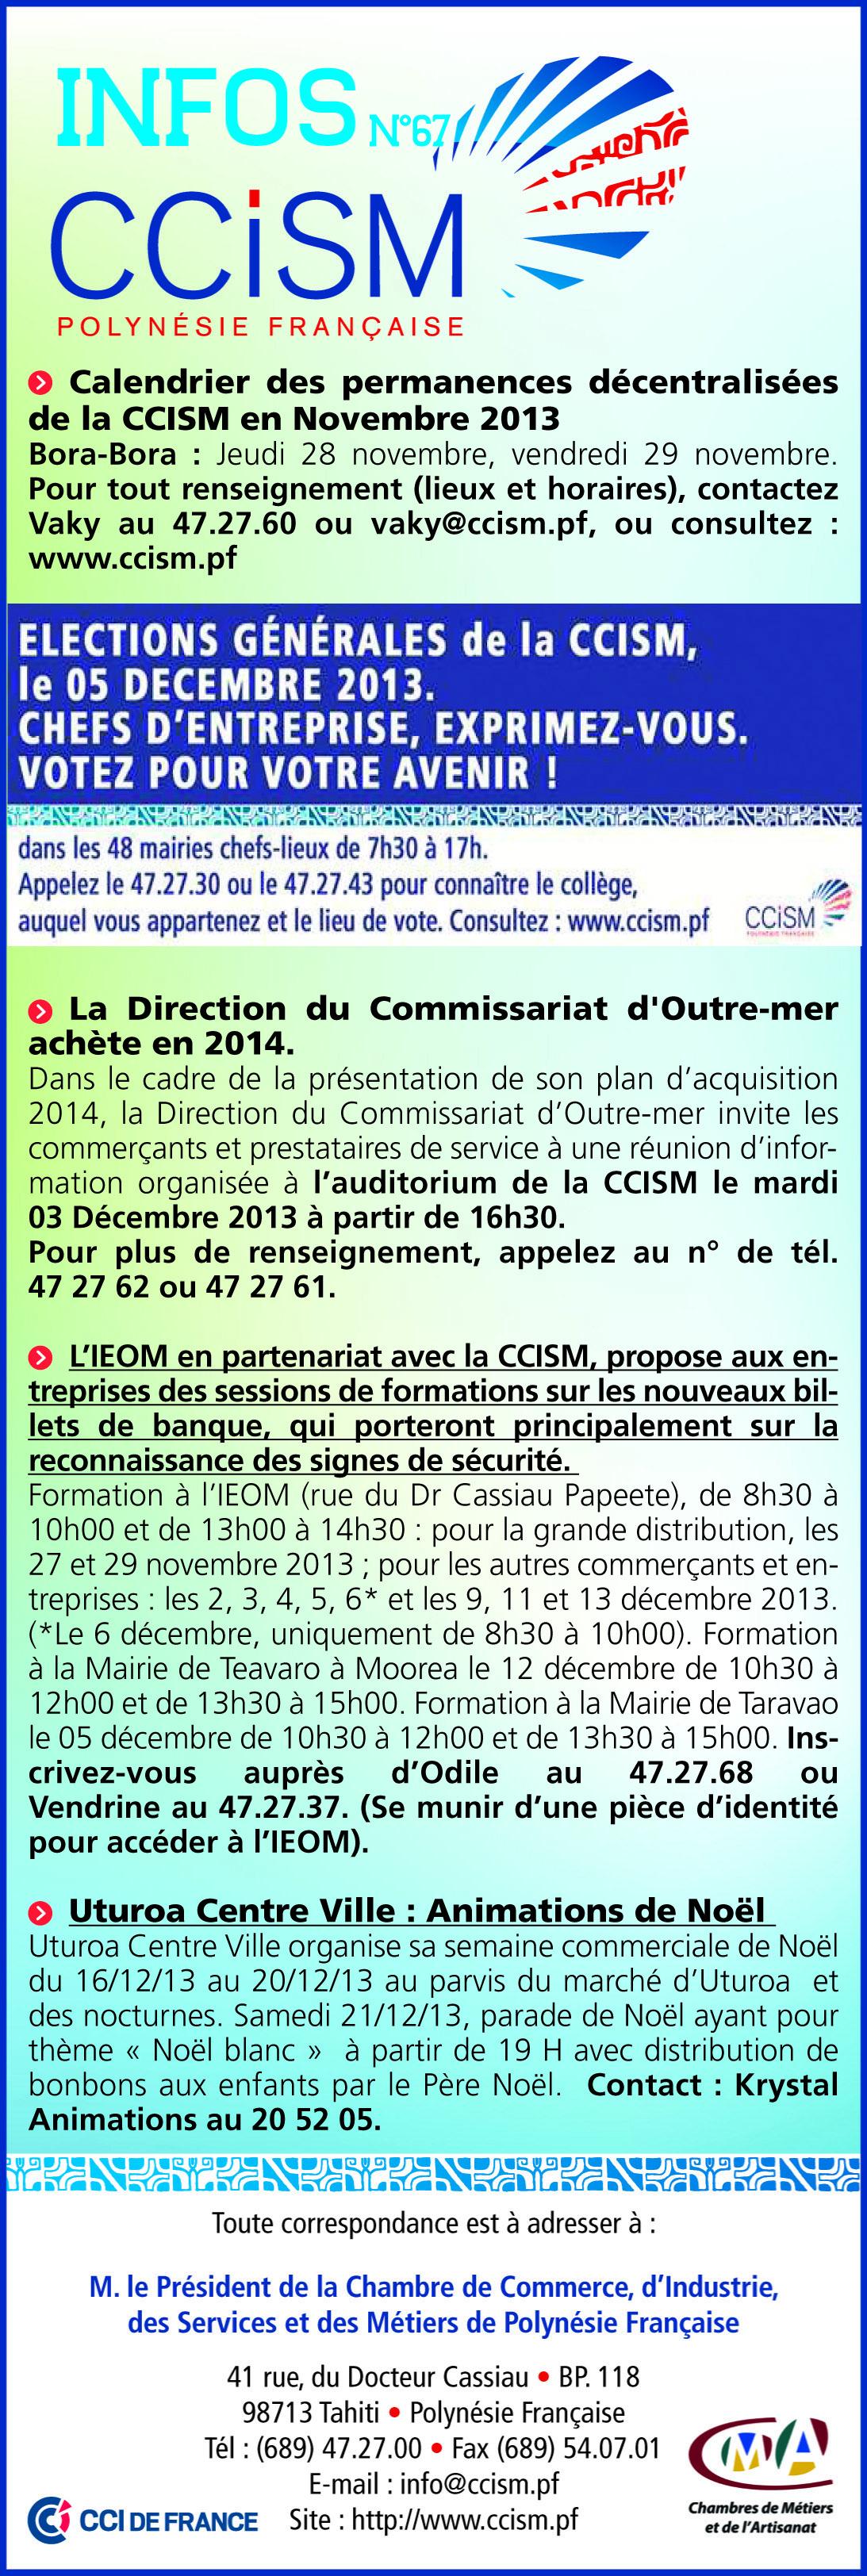 Infos CCISM N°67